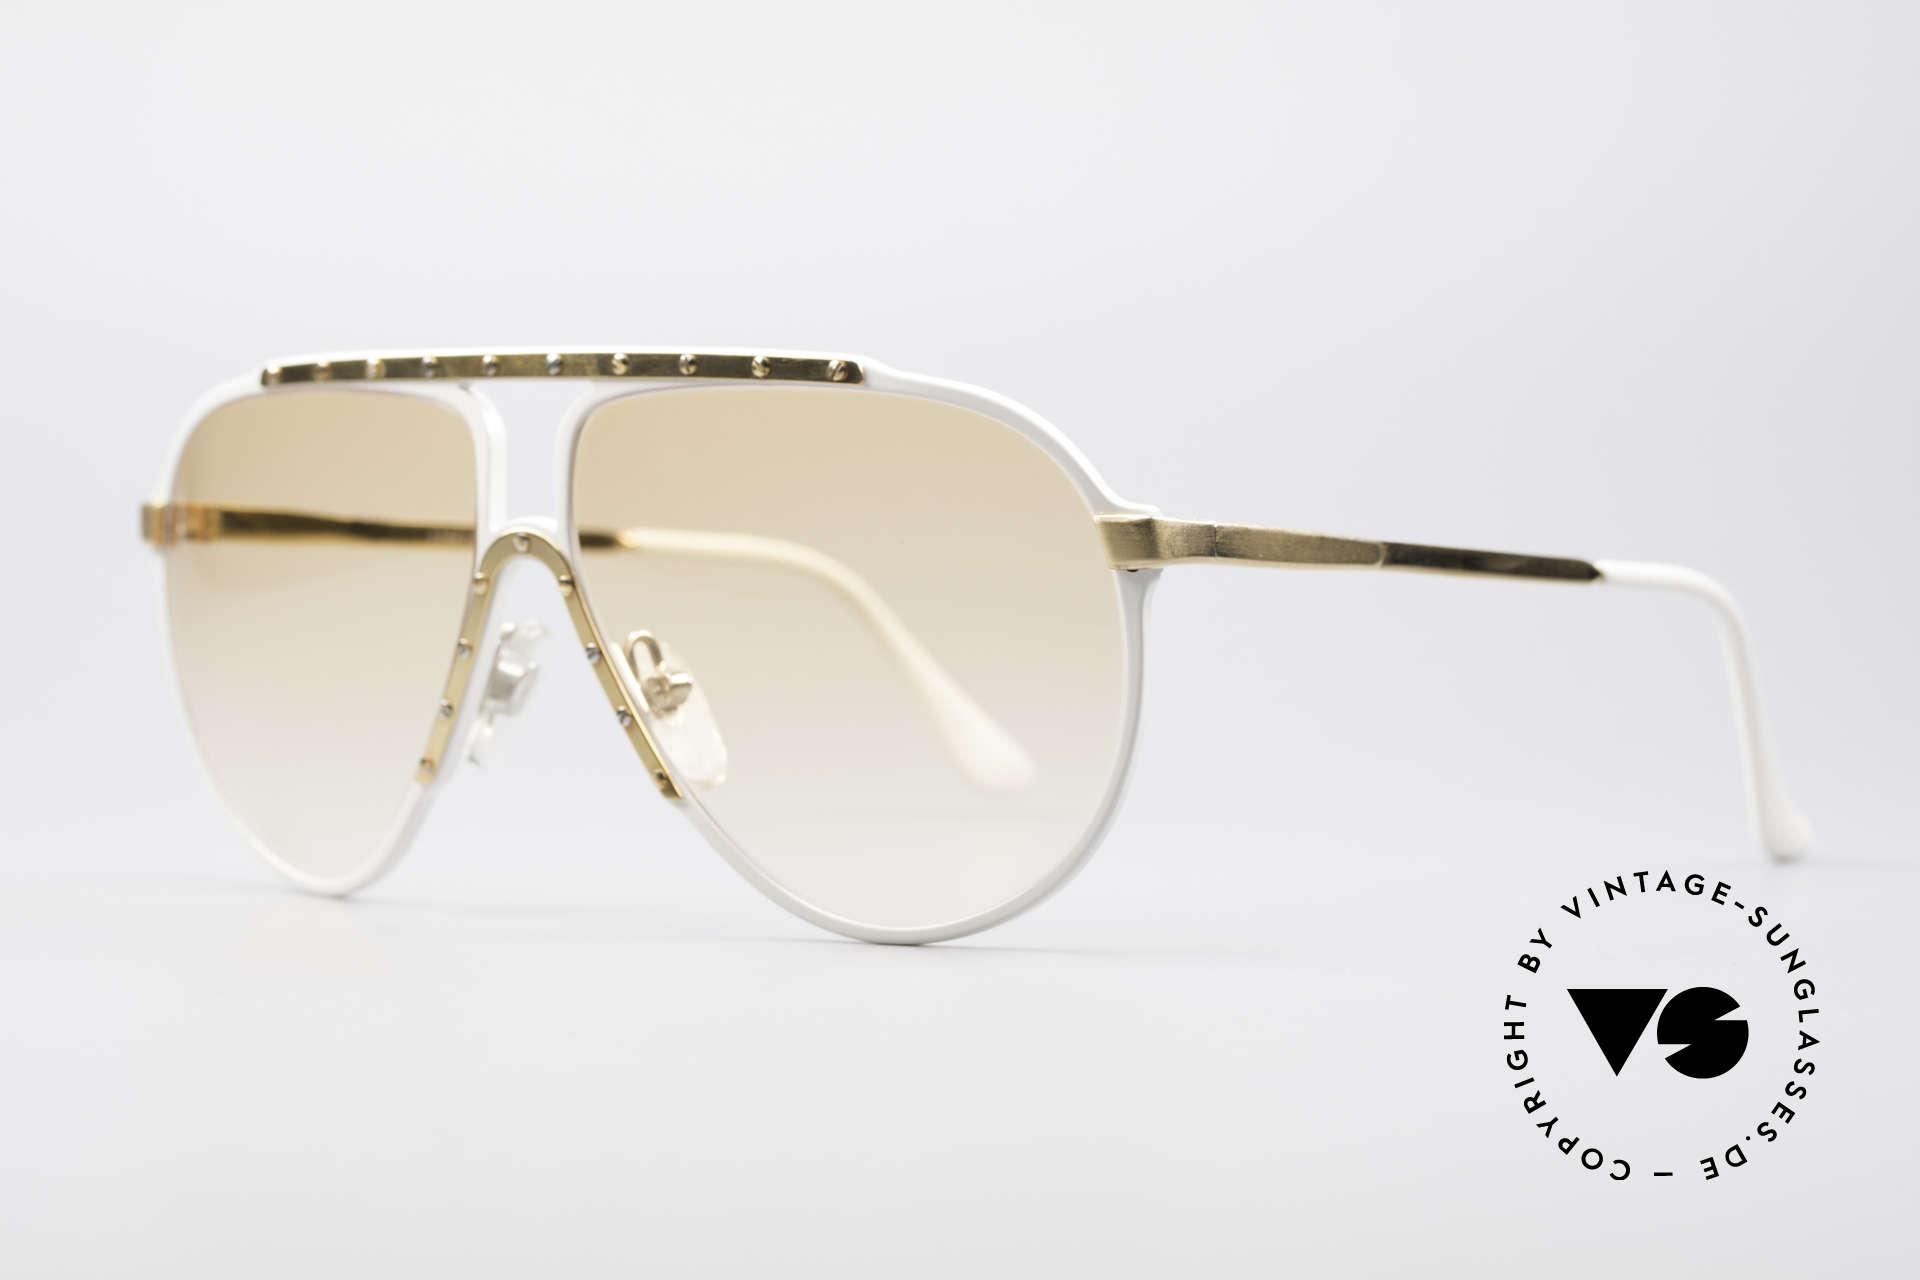 Alpina M1 80er Jahre Kultsonnenbrille, Top-Qualität (Handarbeit; made in W.Germany), Passend für Herren und Damen